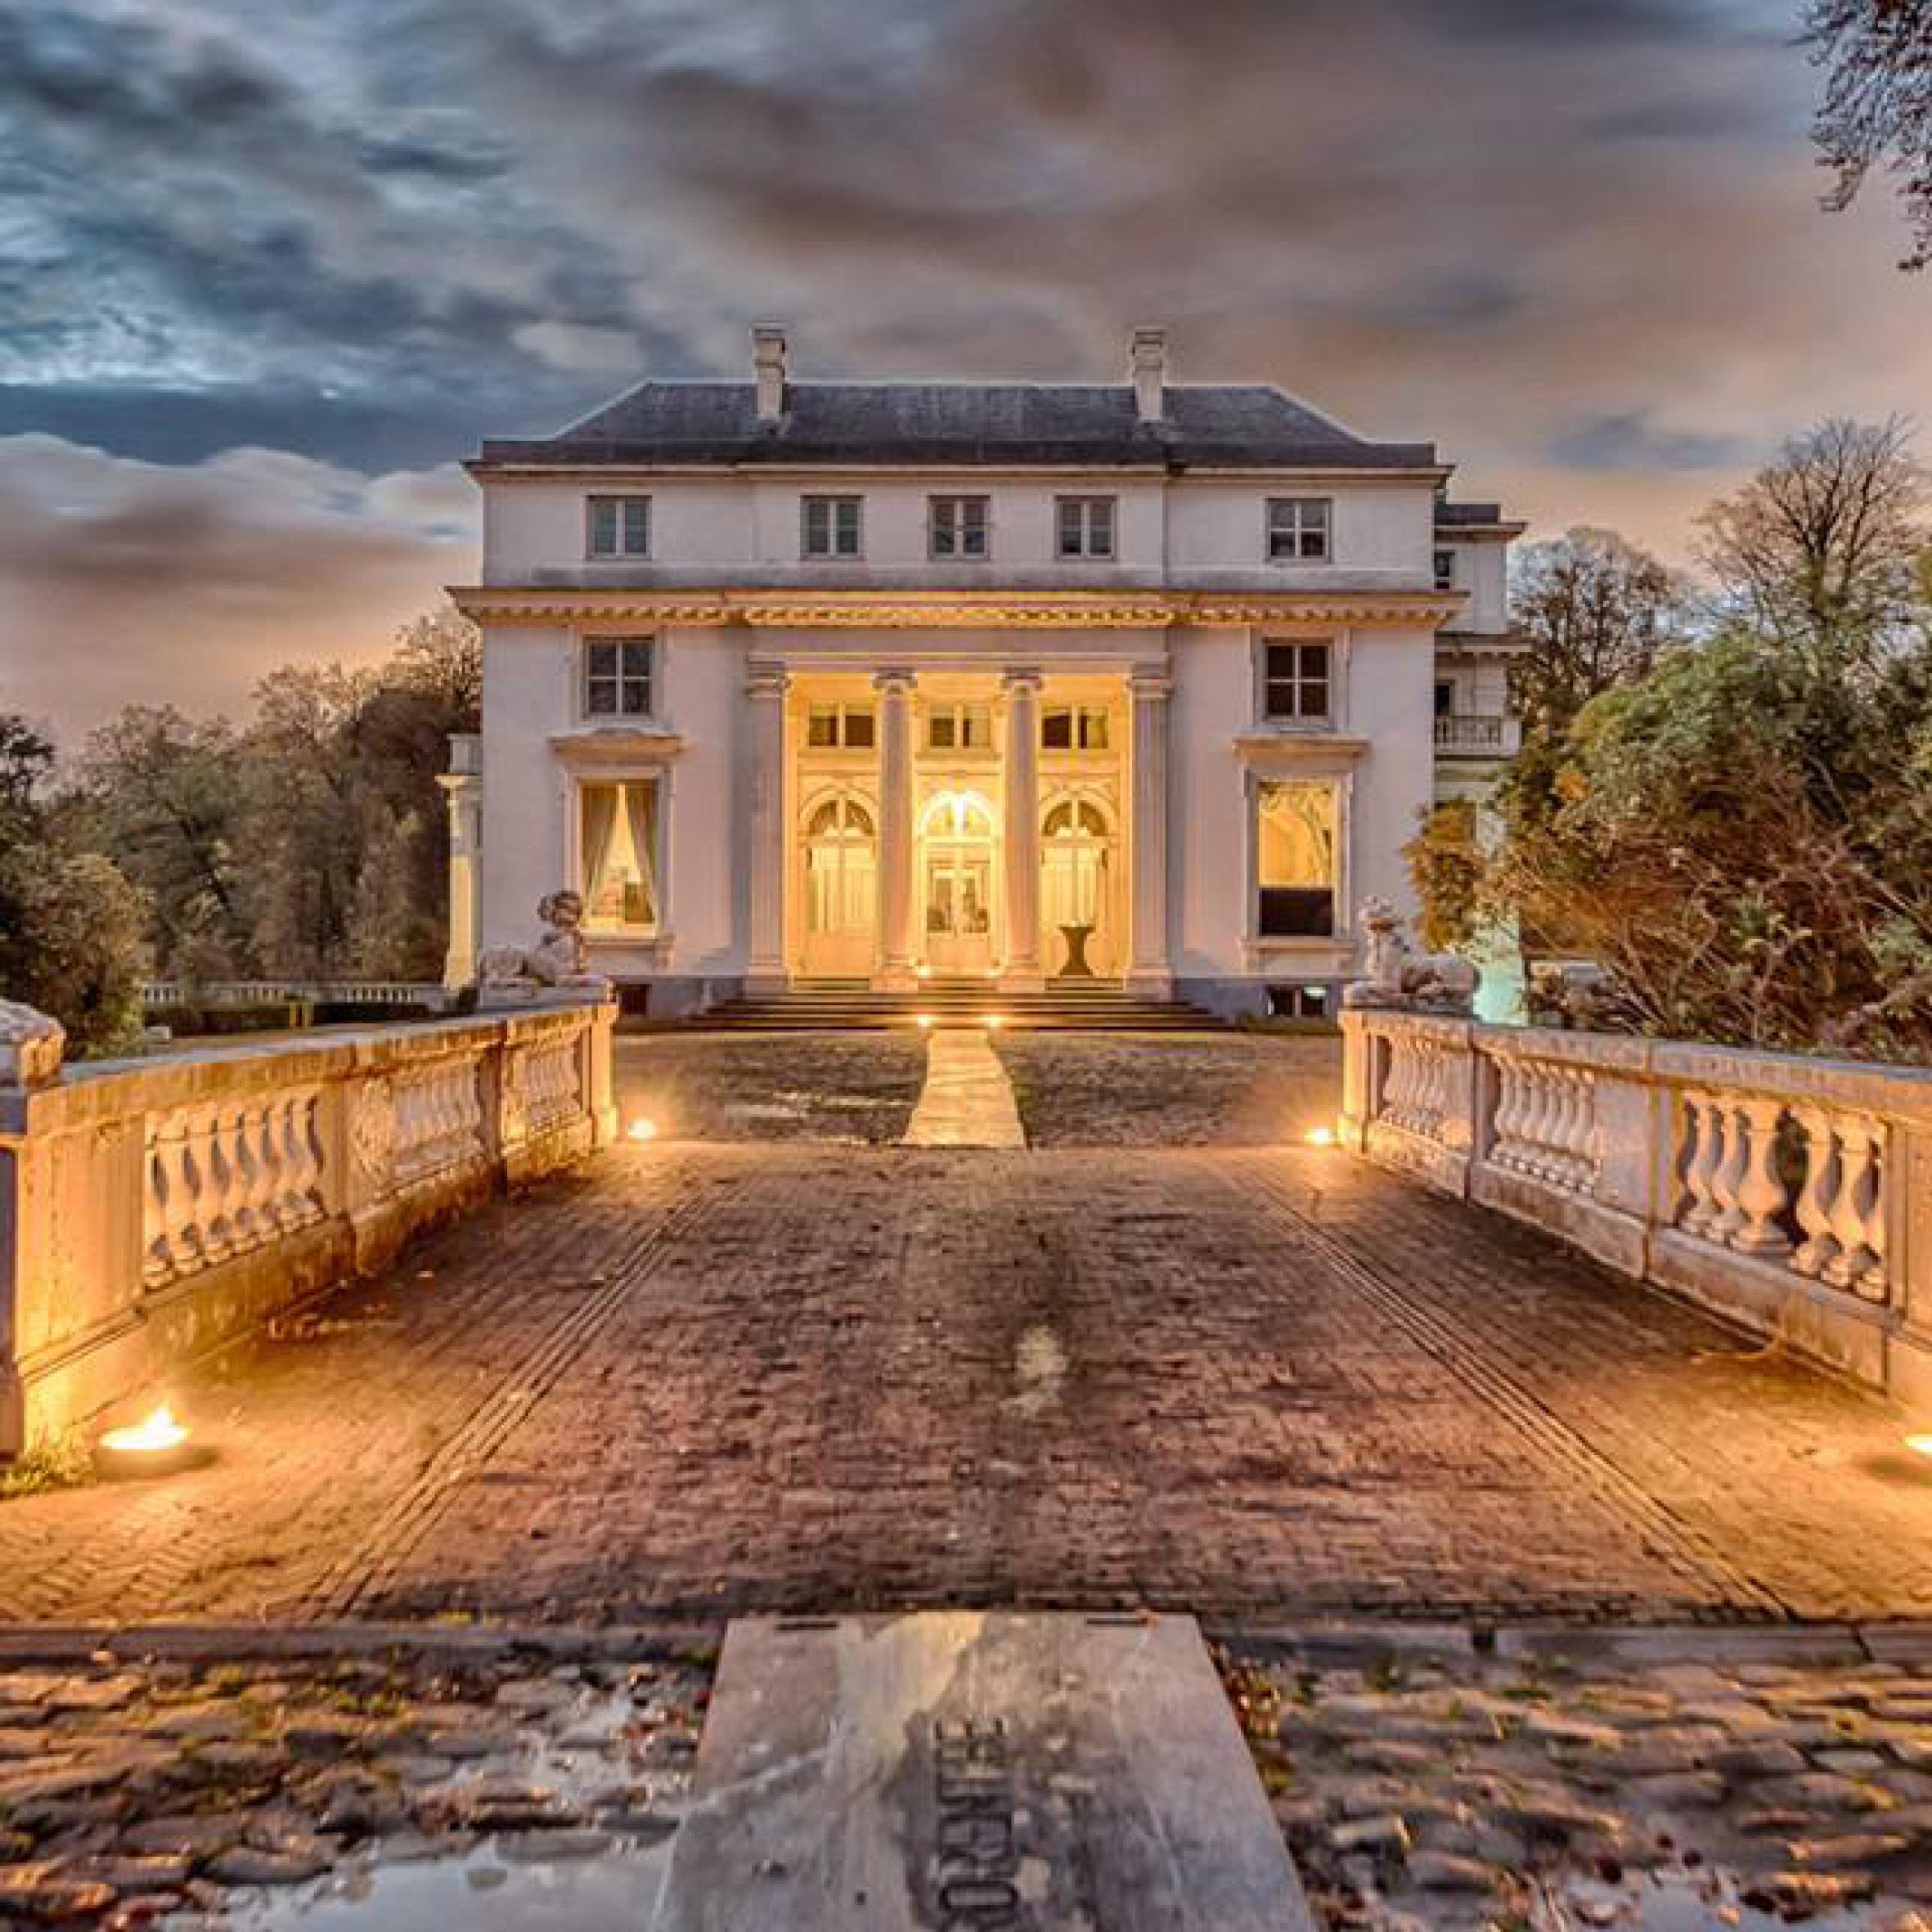 House De Neuf - Edegem